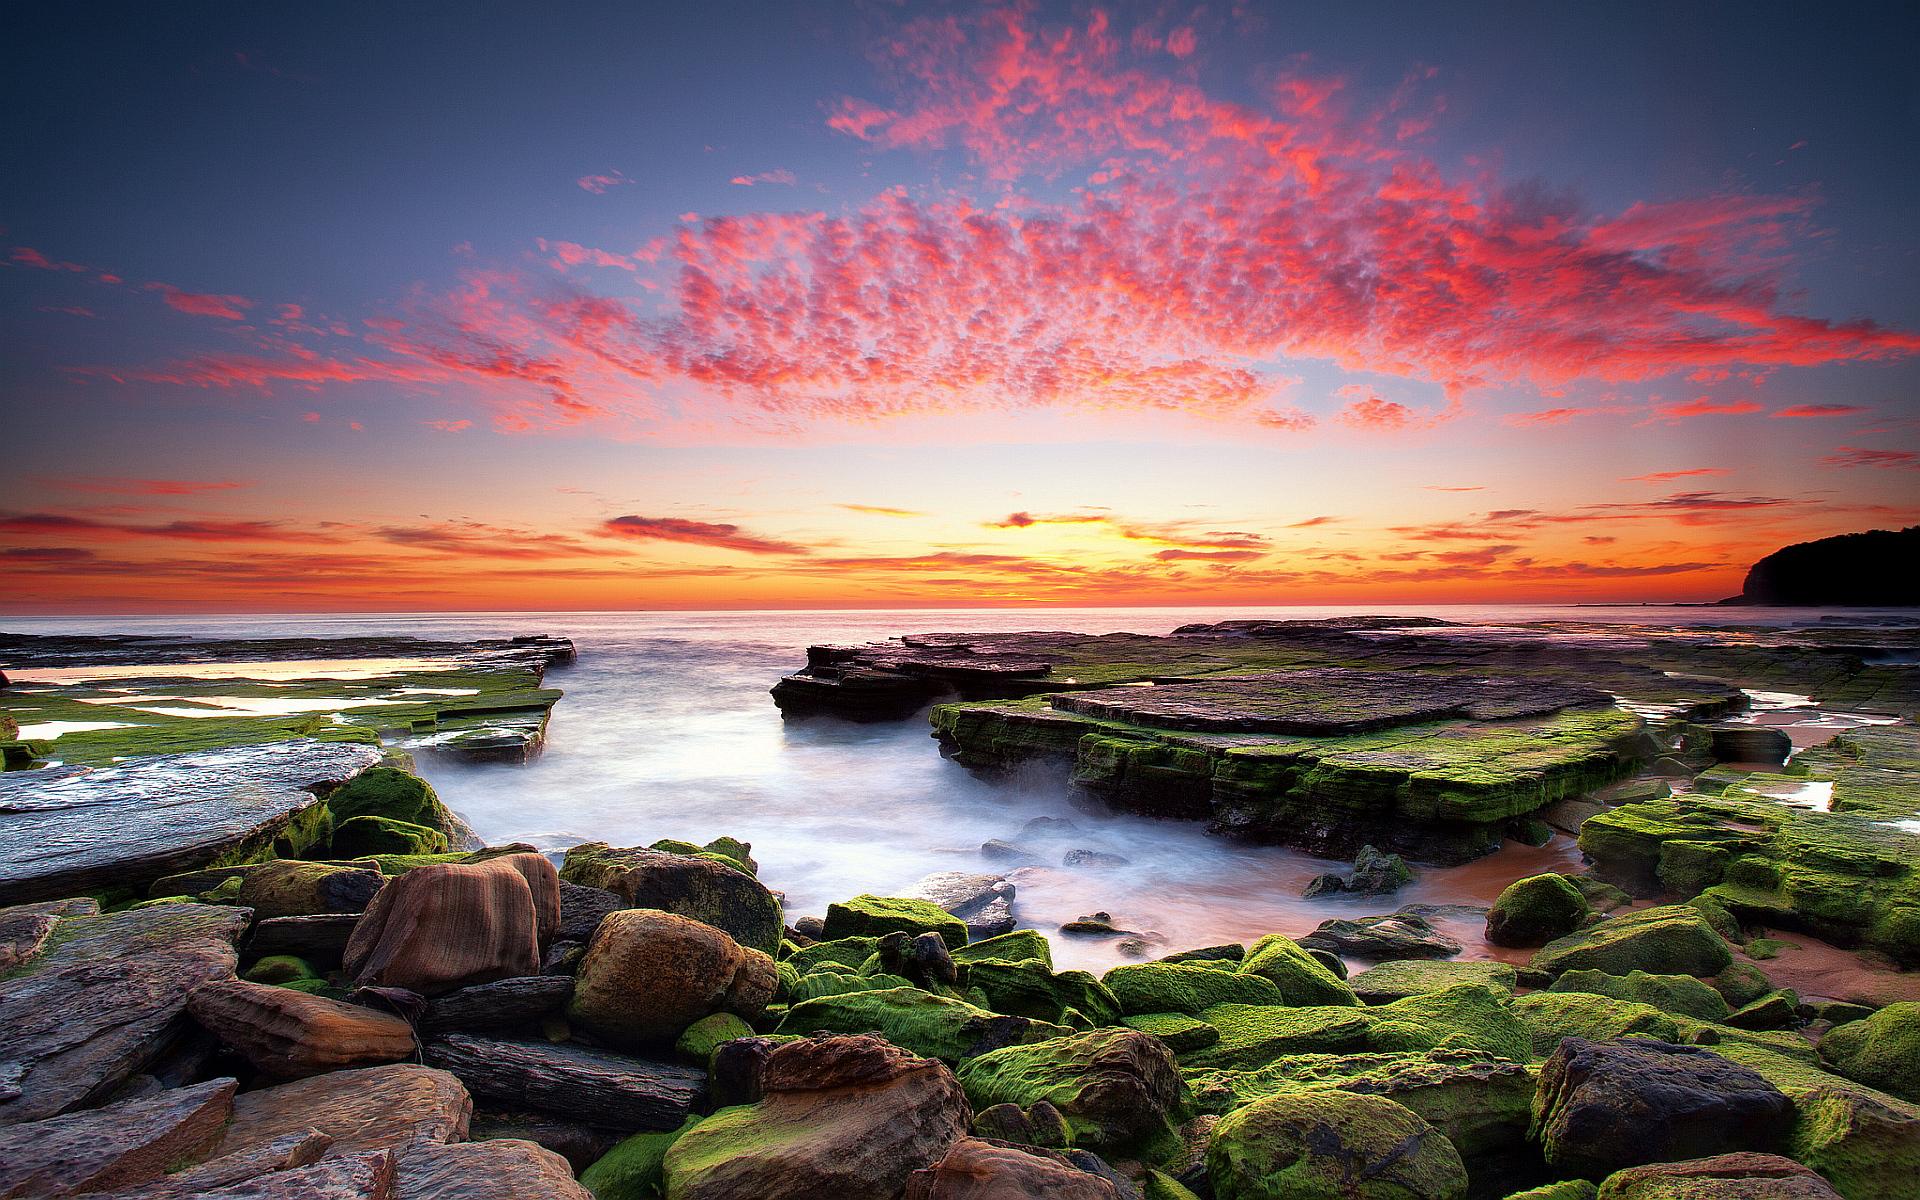 Free Wallpaper Fall 1600x900 Sunset Coast Wallpaper 1920x1200 32134